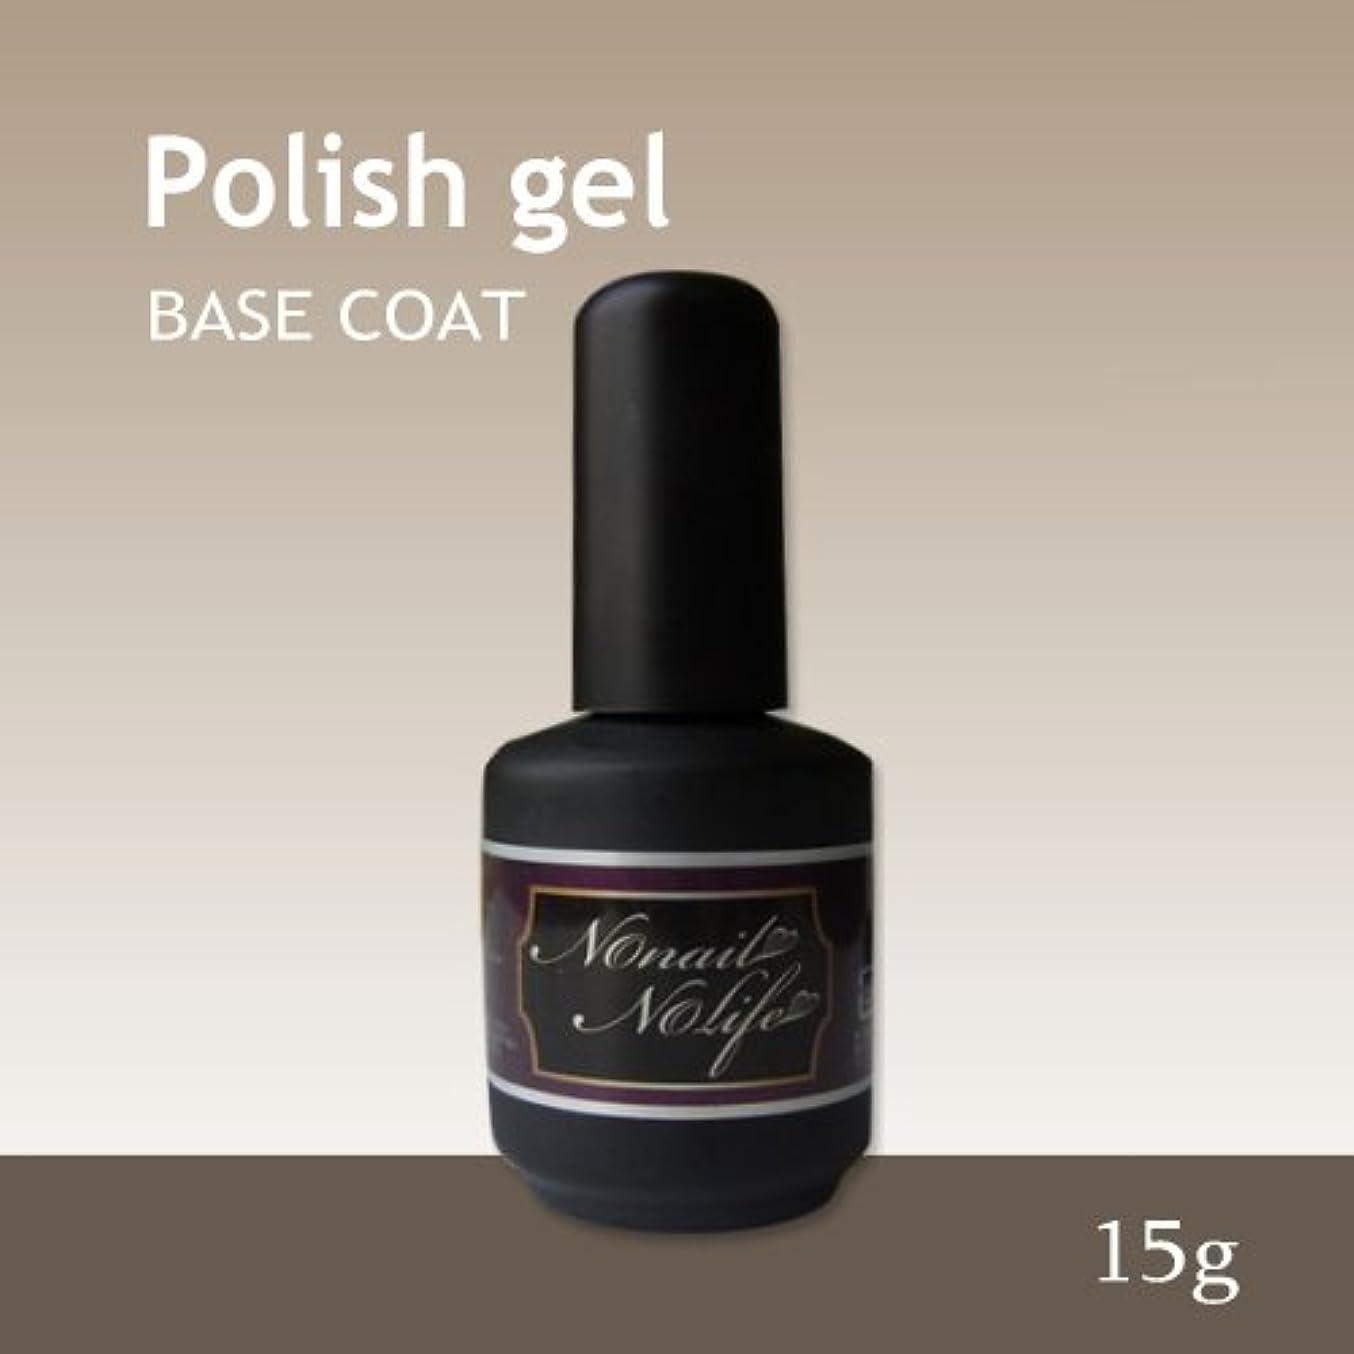 中級実験どちらもジェルネイル《サンディング不要のベースコート》Natural Polish ポリッシュベースジェル(15g)